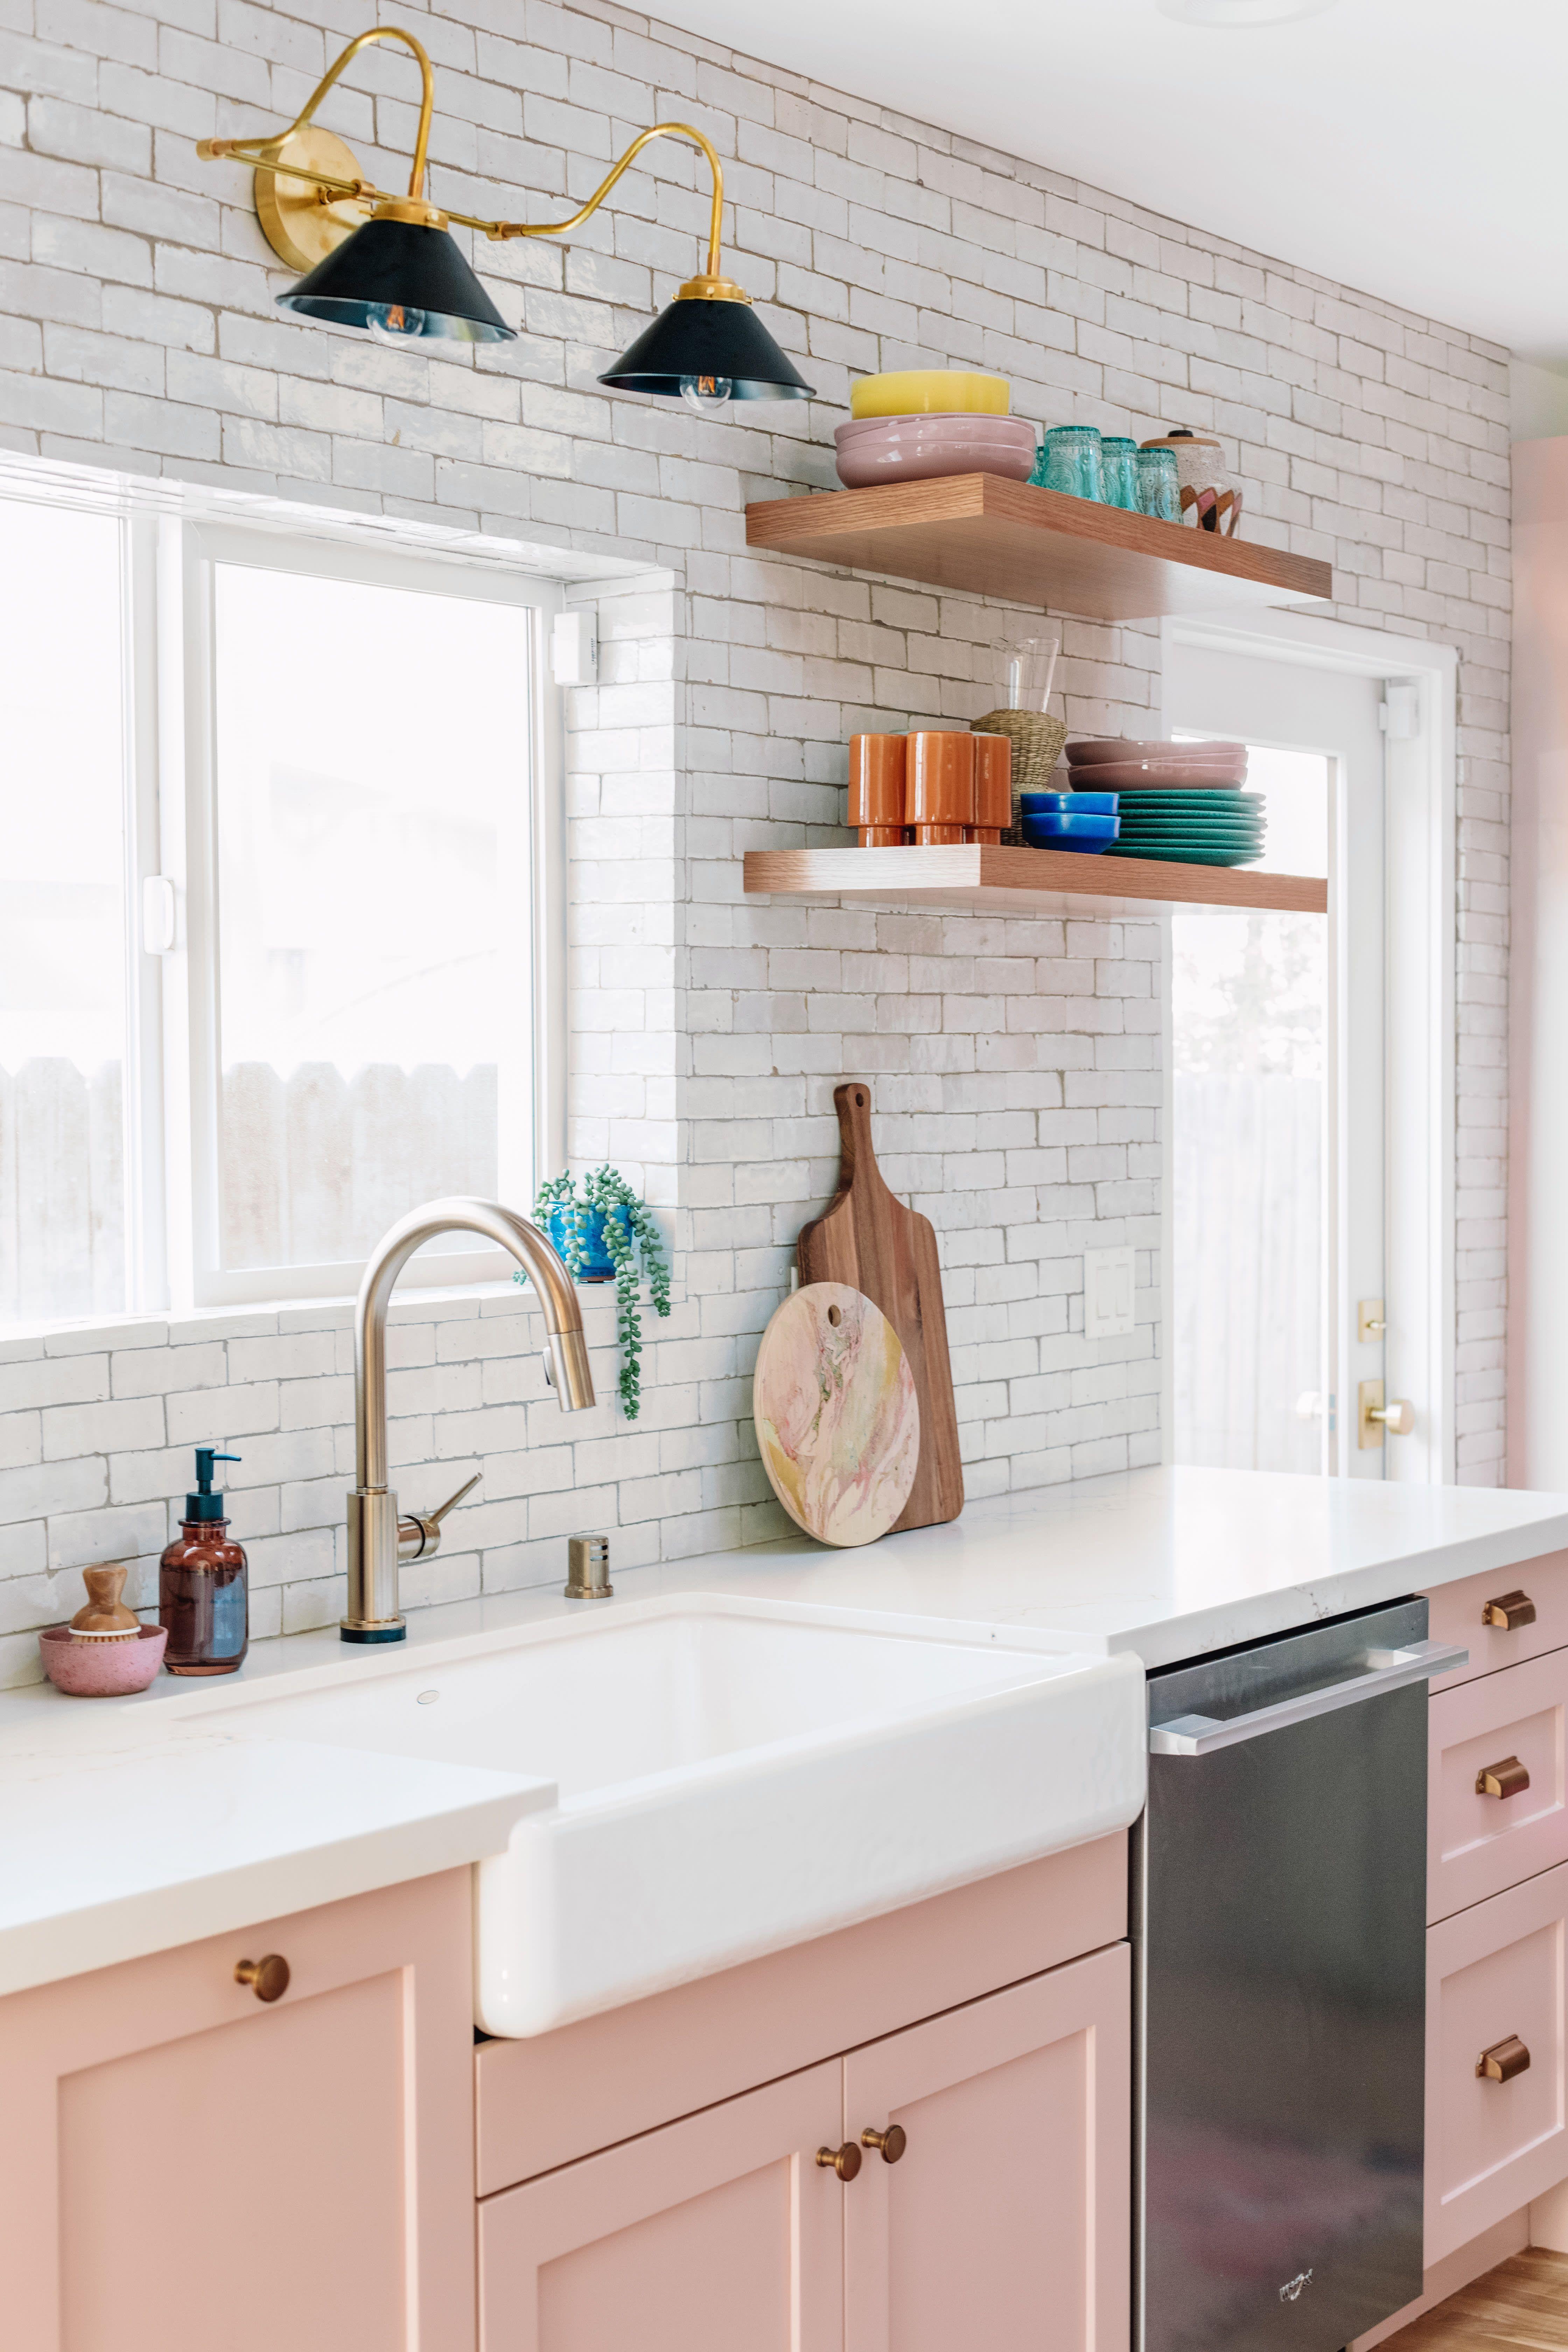 Studio Diy S Pink Kitchen Transformation Seriously Wows Pink Kitchen Pink Kitchen Cabinets Kitchen Design Trends